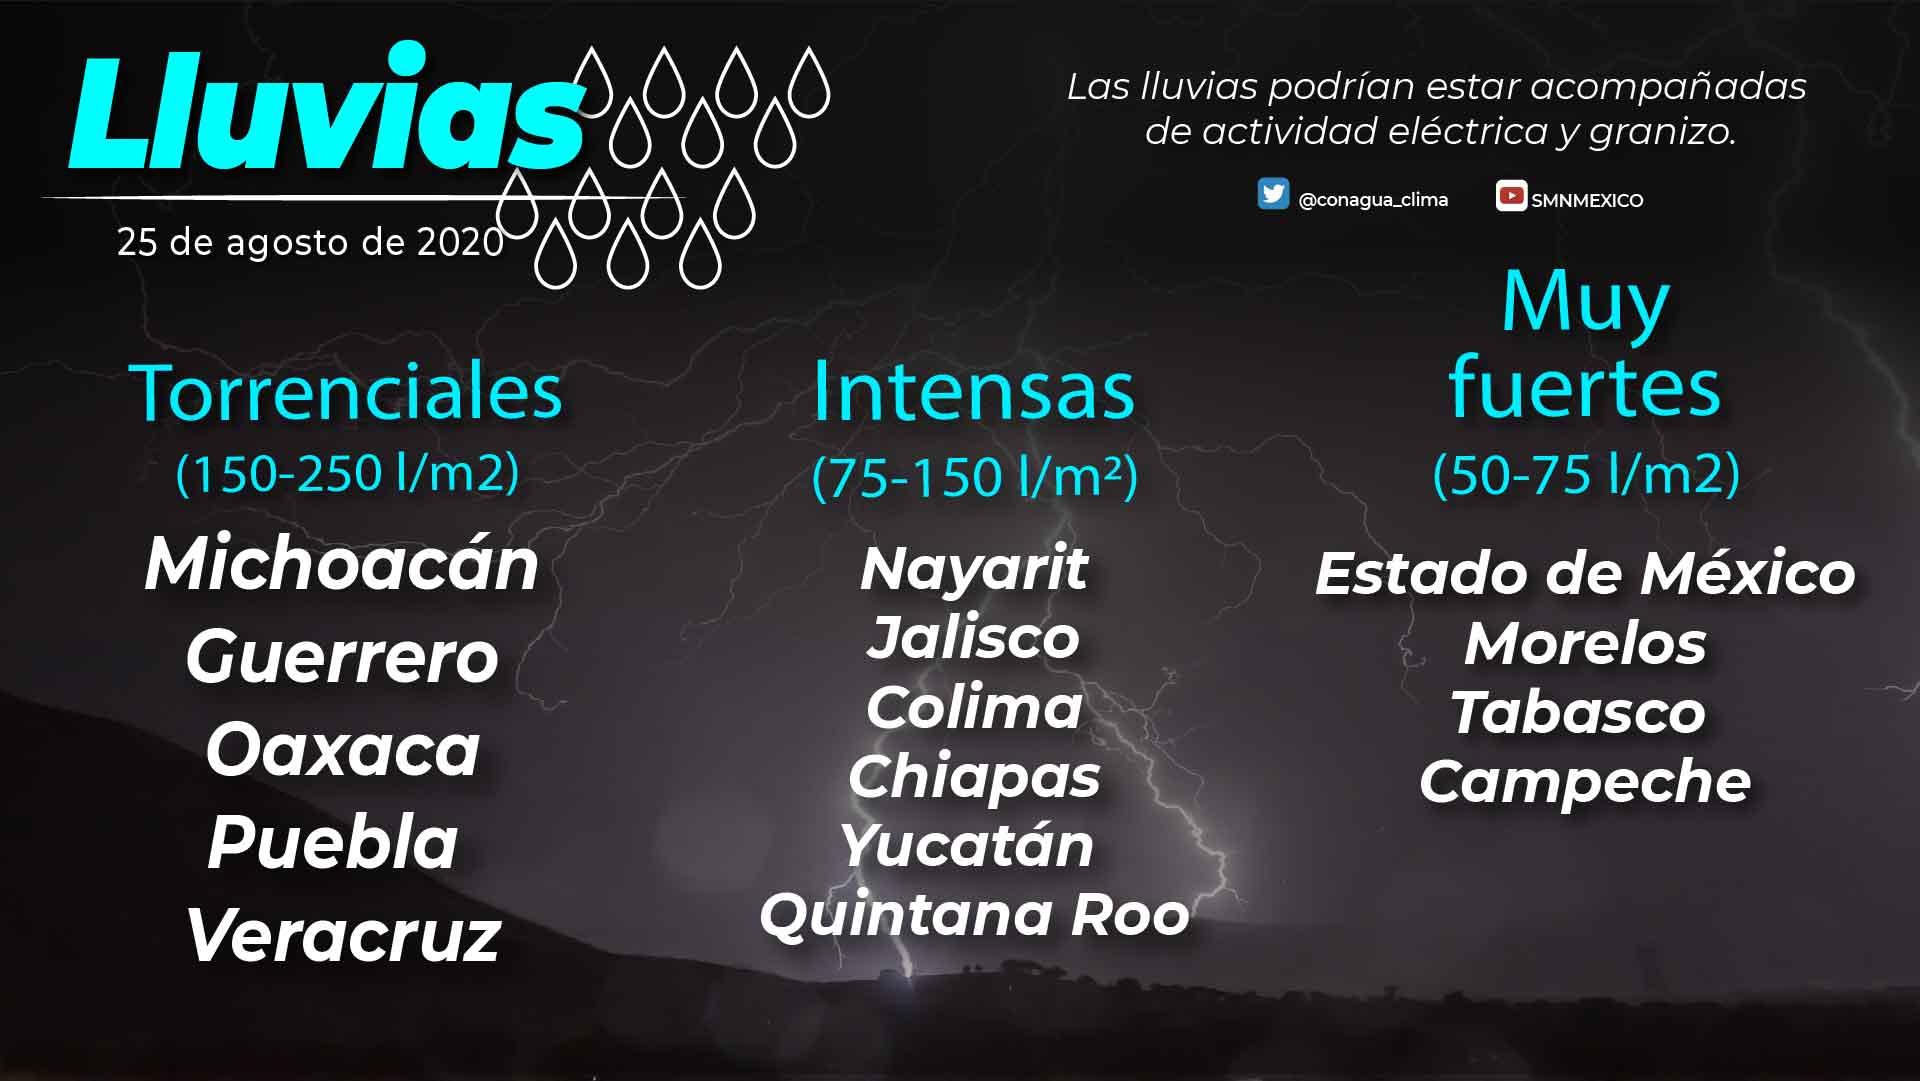 Durante las próximas horas se prevén lluvias puntuales torrenciales para Guerrero, Oaxaca, Puebla y Veracruz